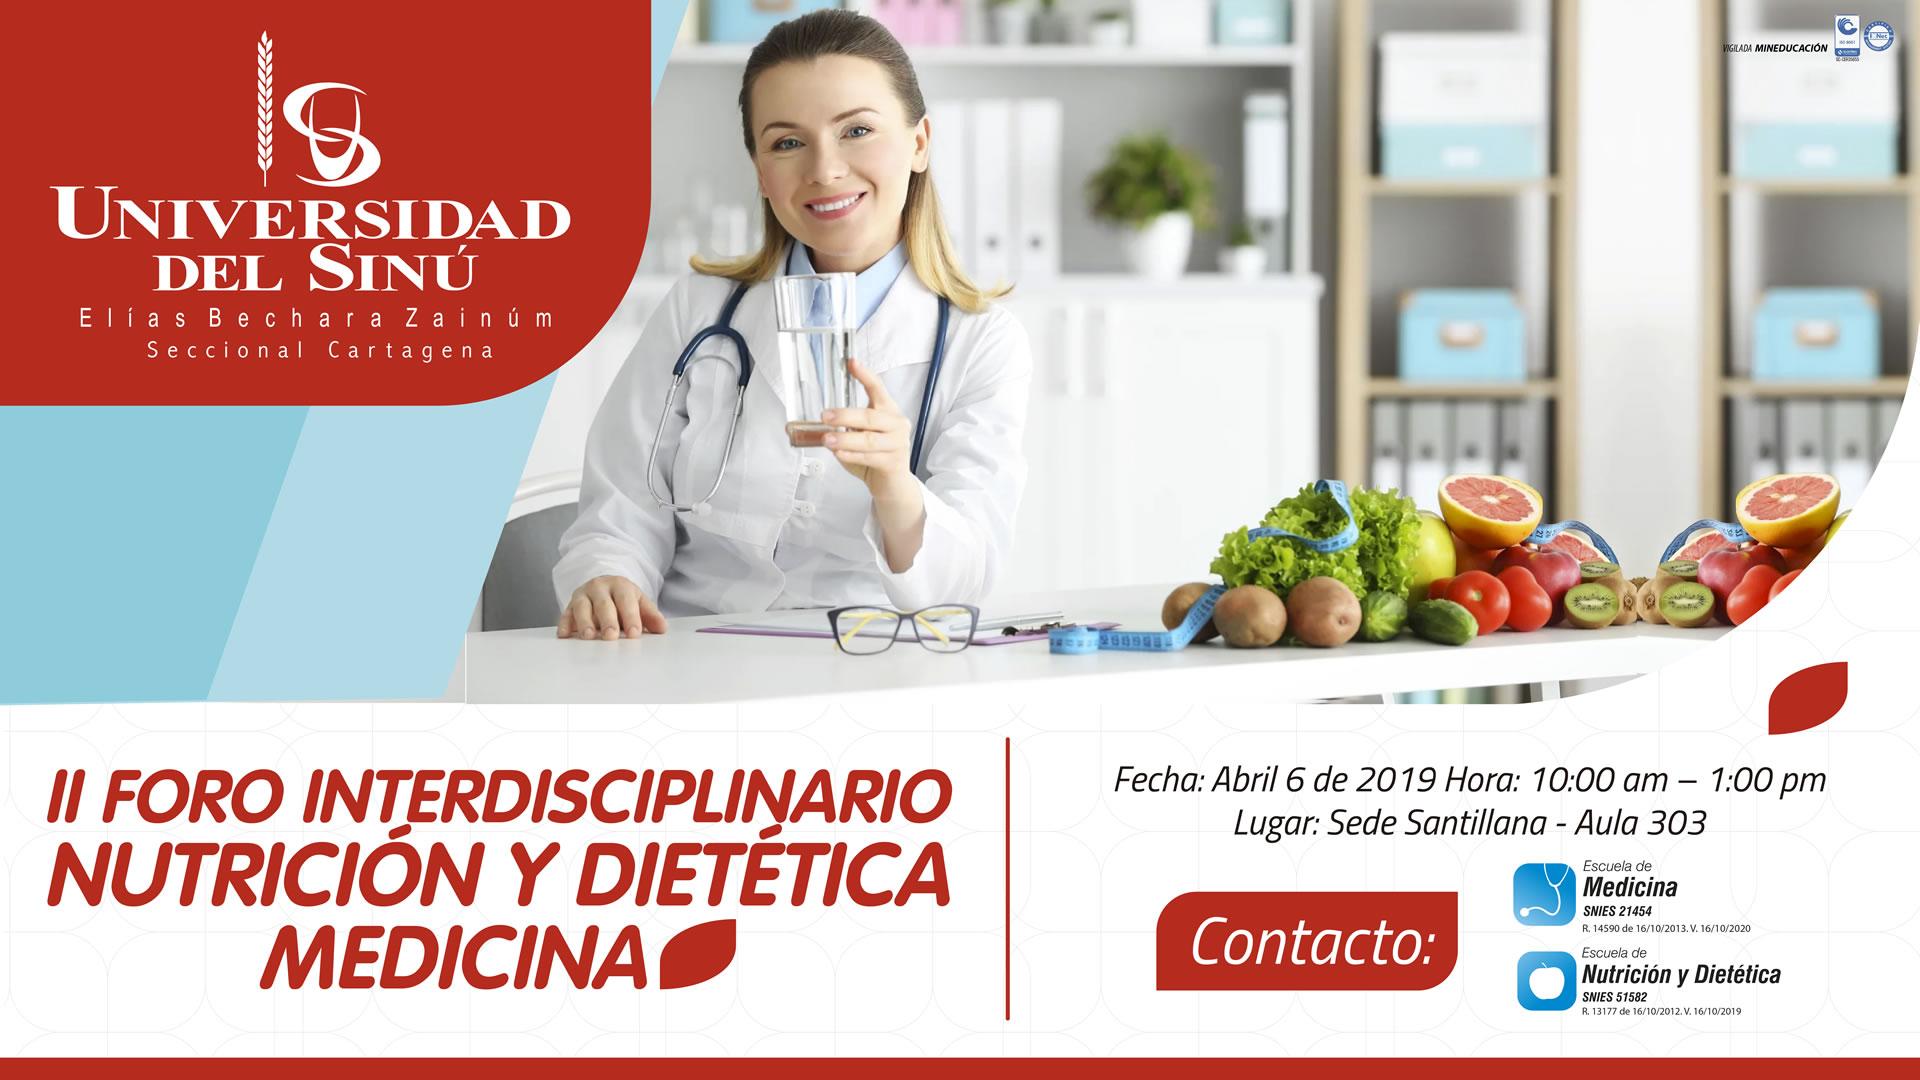 SEGUNDO FORO INTERDISCIPLINARIO NUTRICION Y DIETETICA – MEDICINA